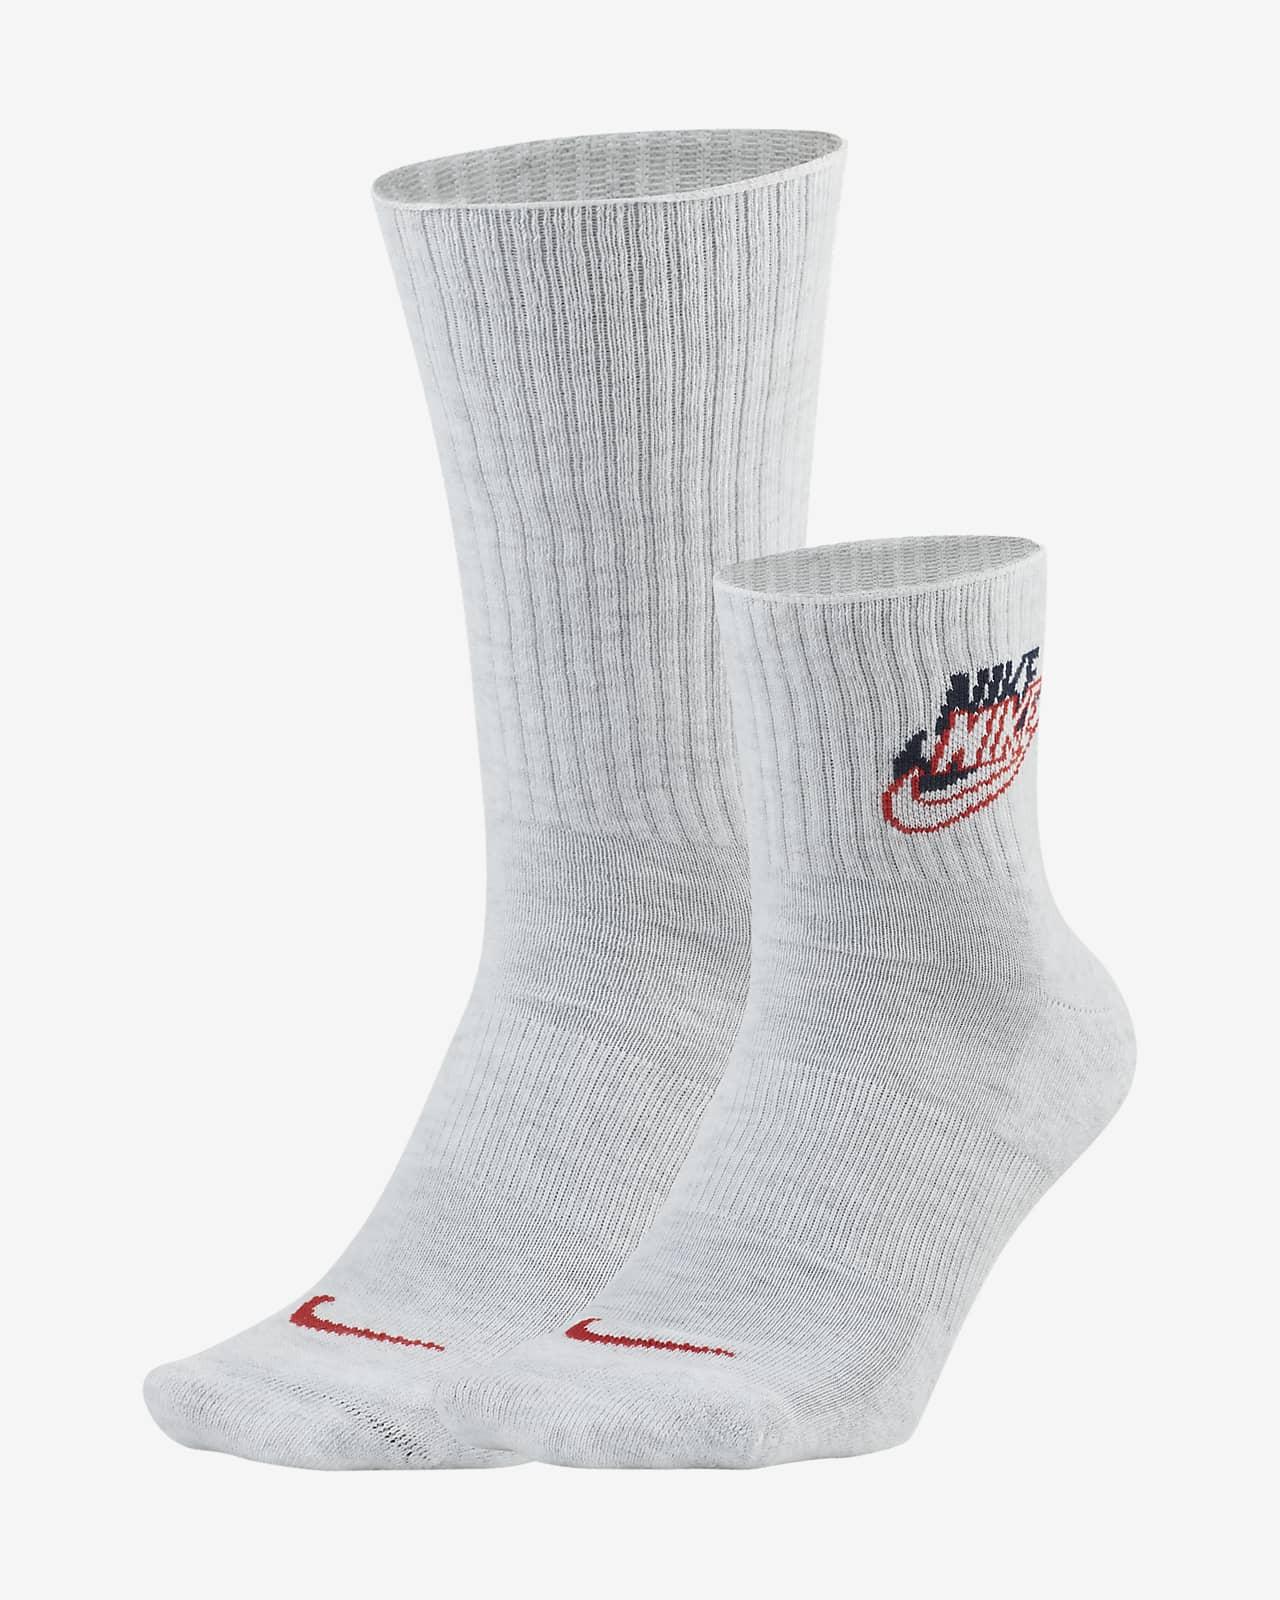 Nike Heritage Socken (2 Paar)